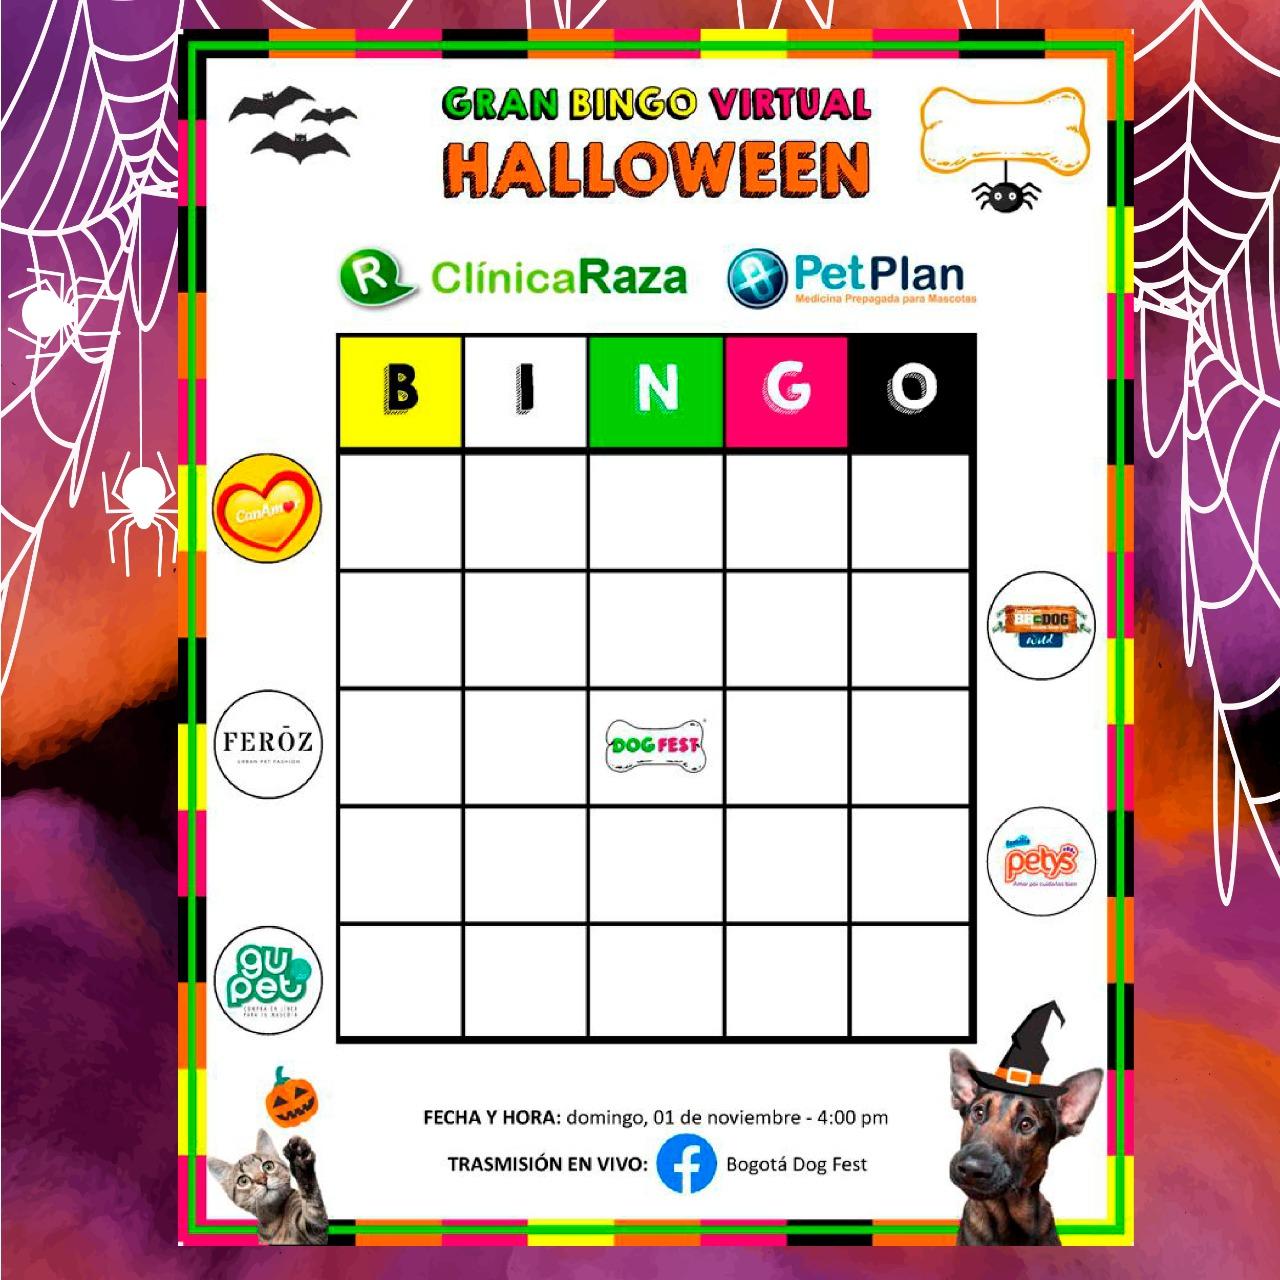 Gran Bingo Virtual Halloween